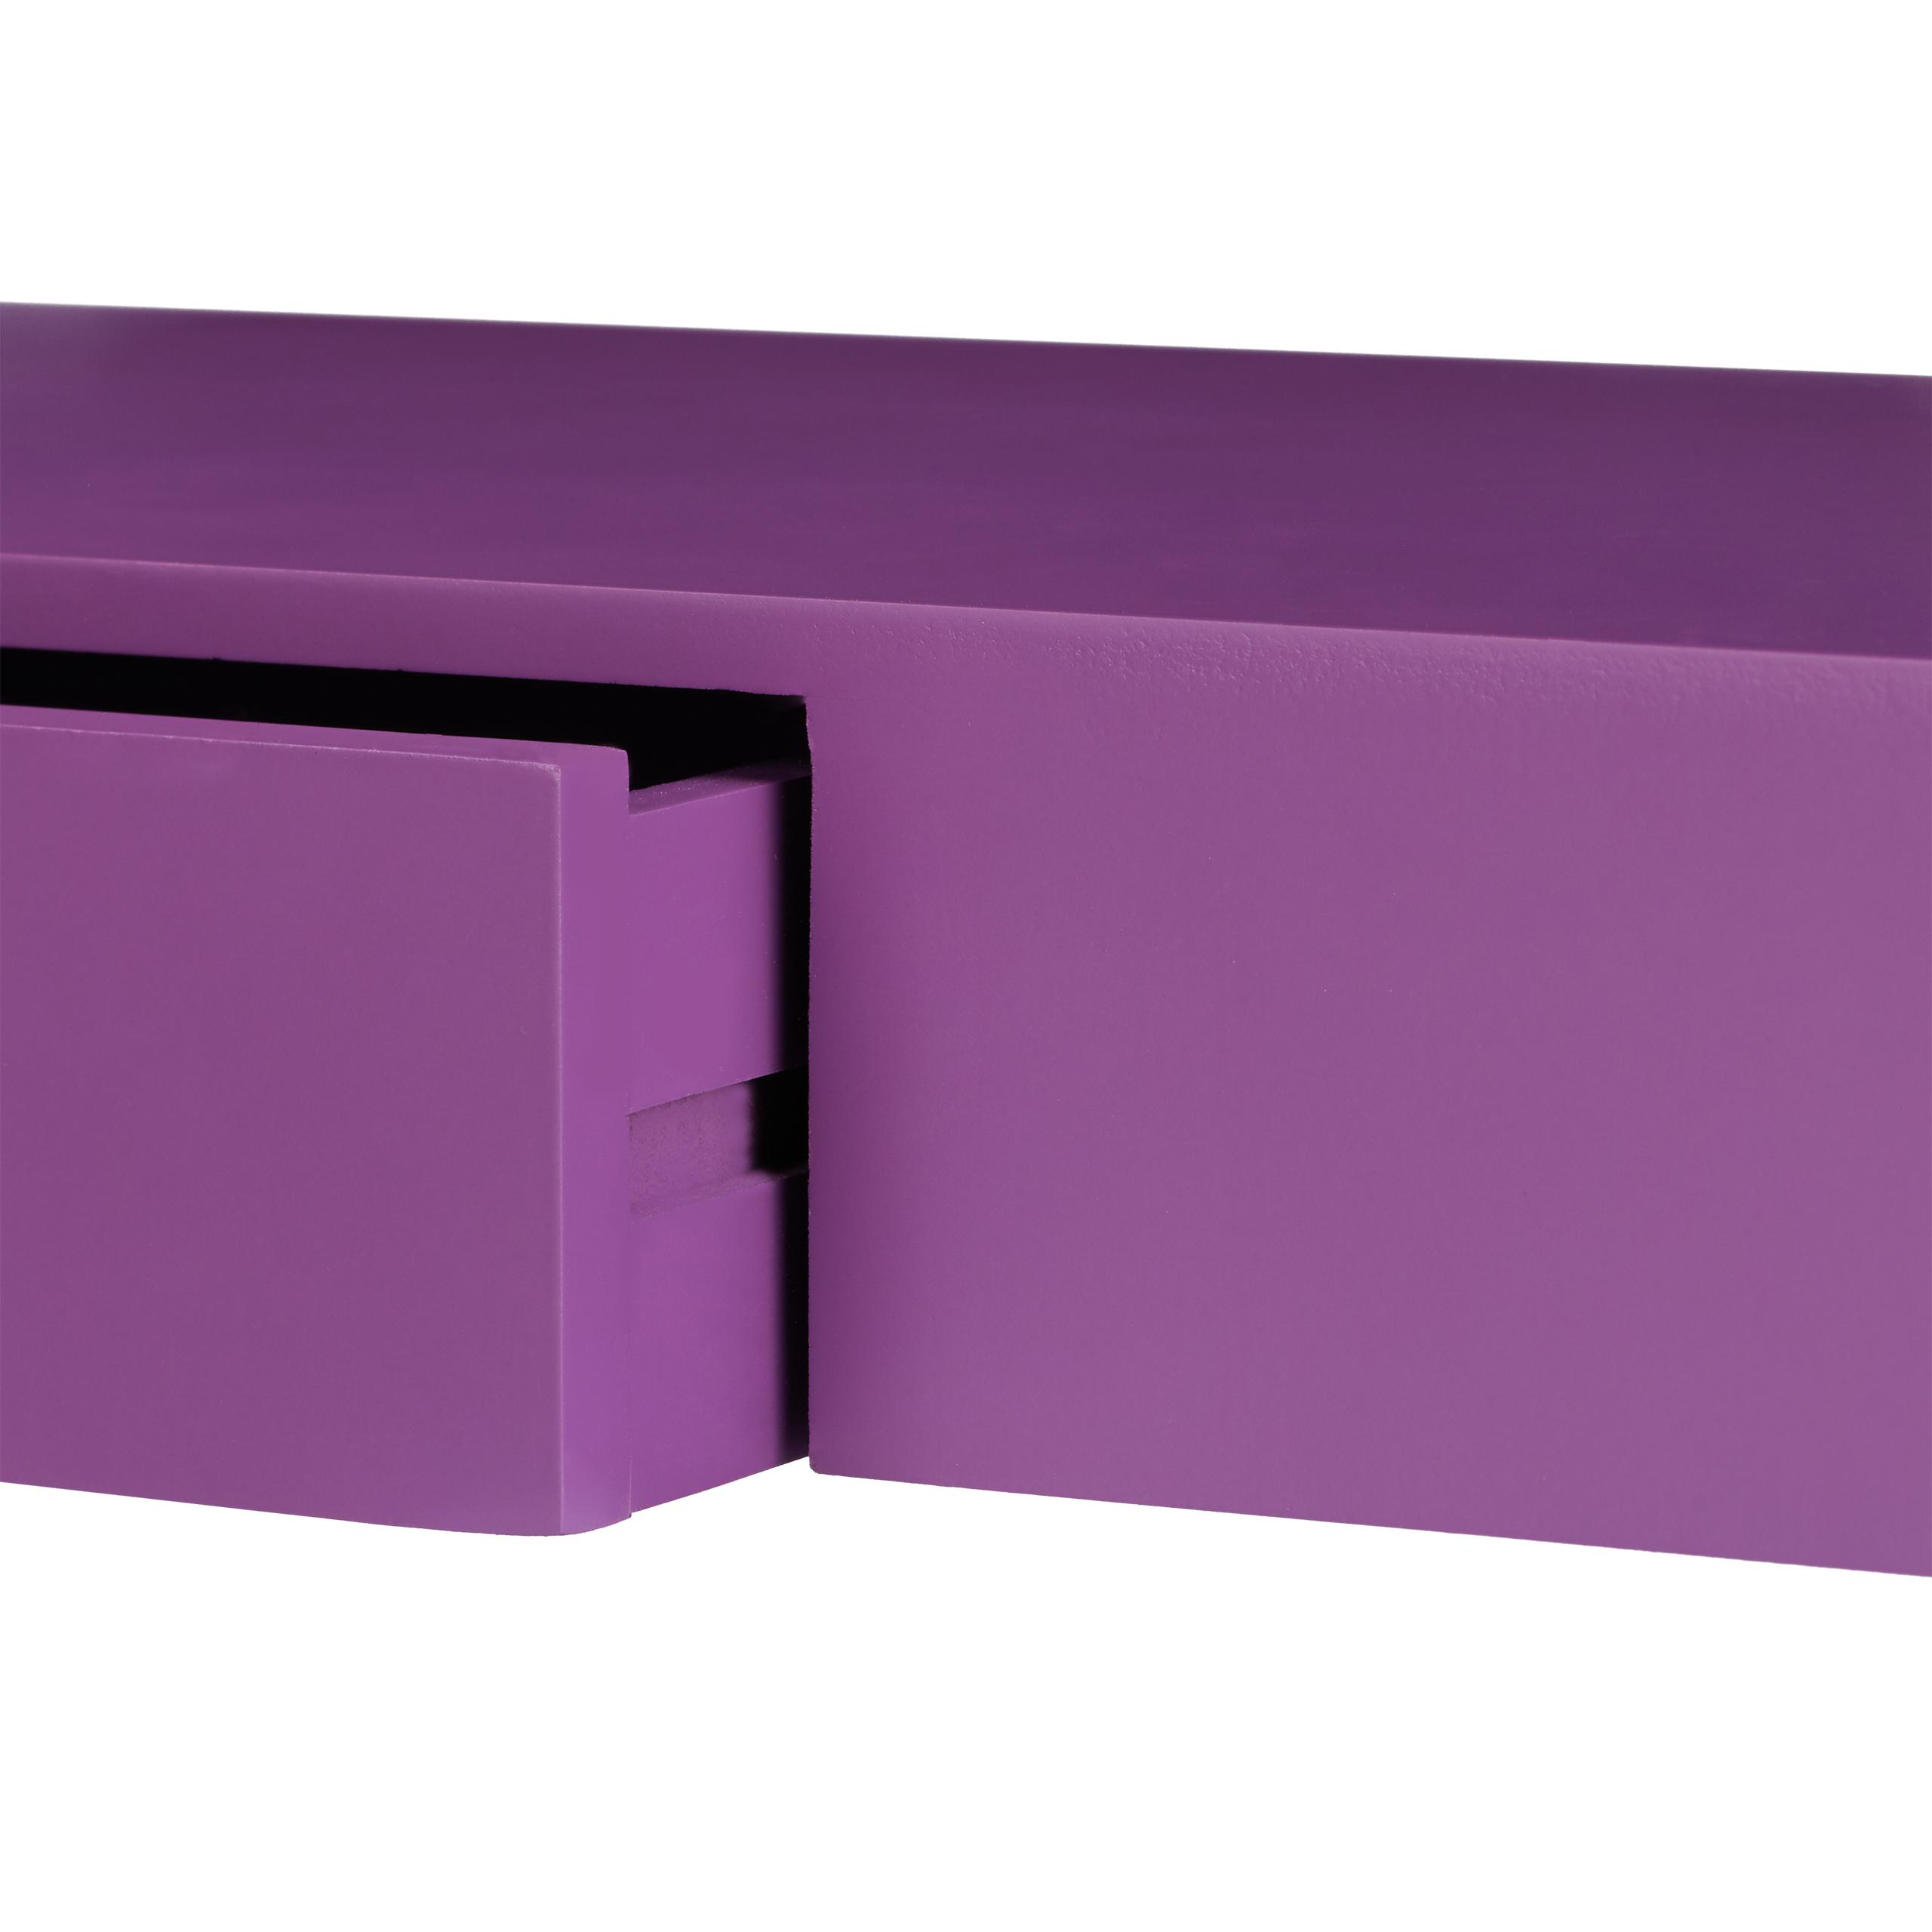 Wandregal-mit-Schublade-freischwebend-Design-Deko-Wohnzimmer-modern-Ablage Indexbild 22